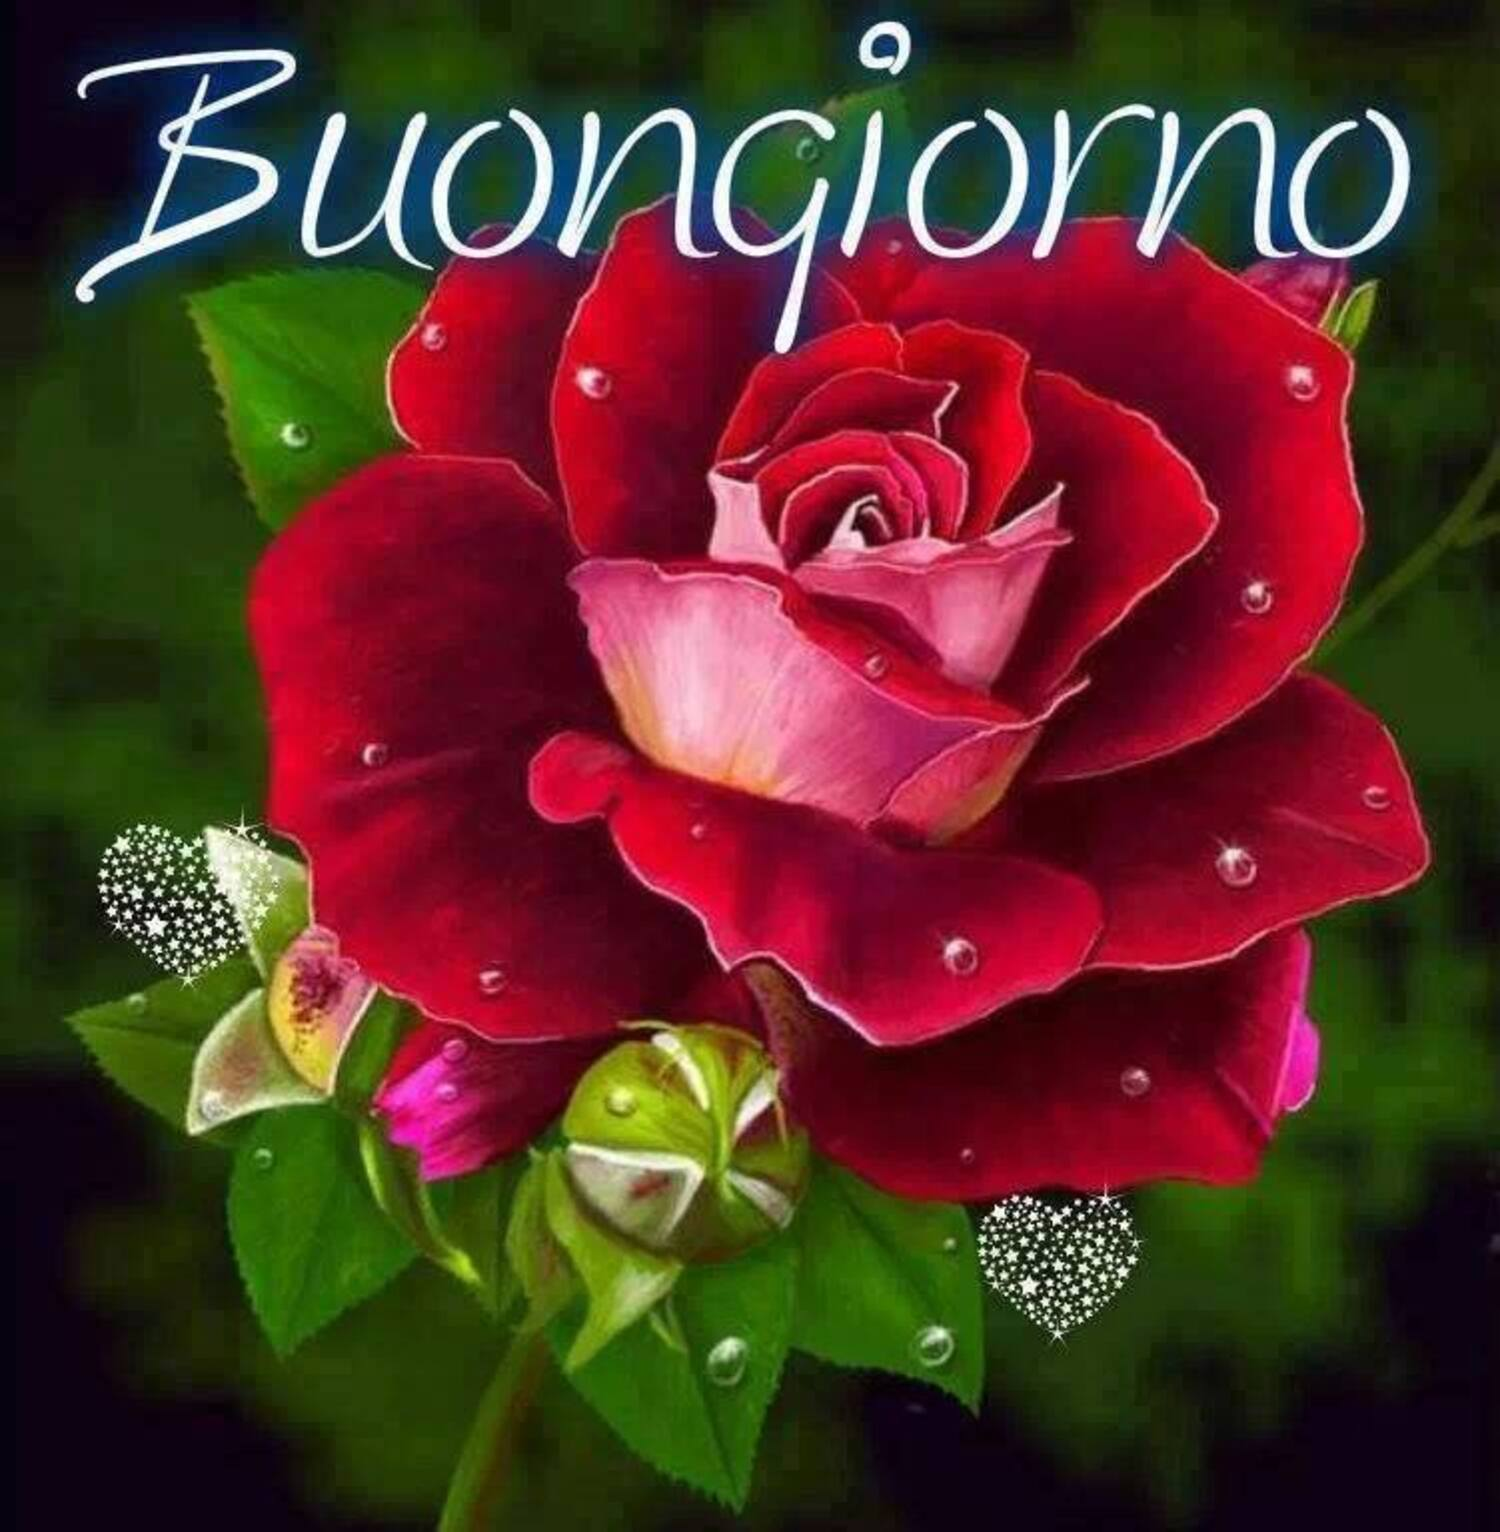 Buongiorno rosa rossa